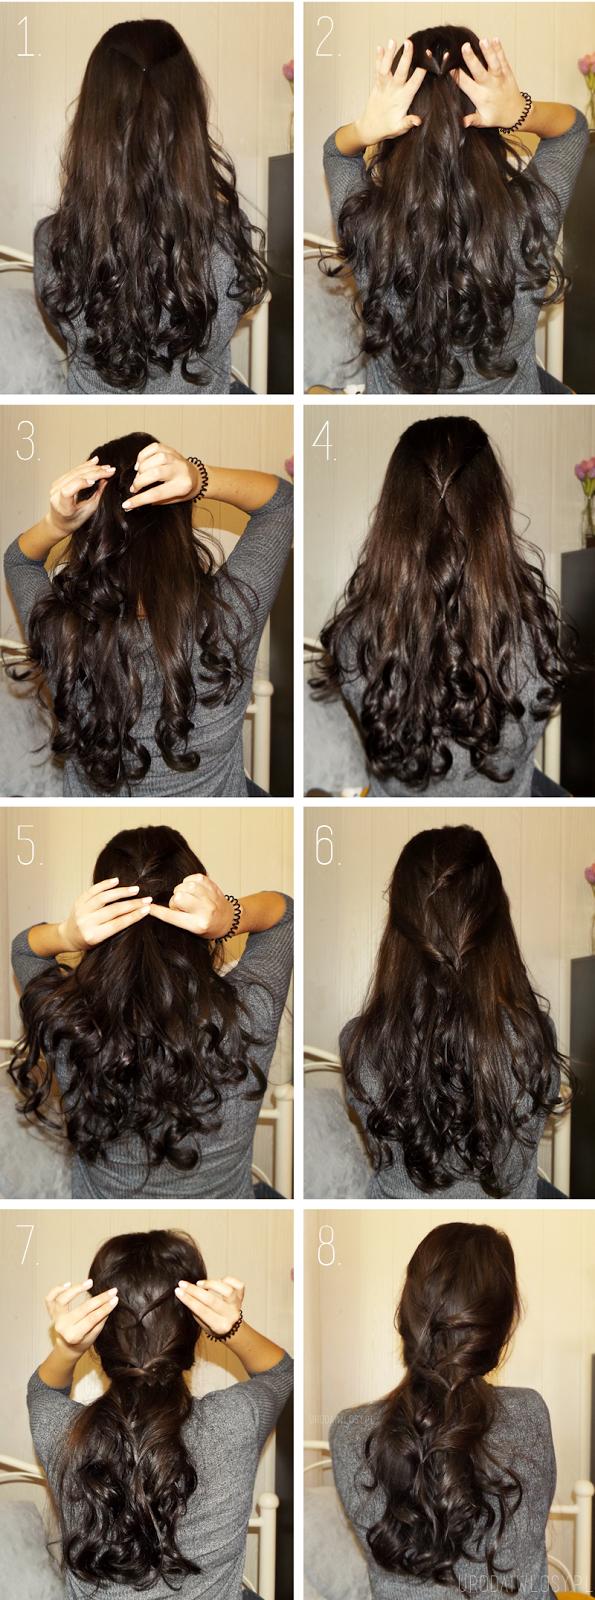 fryzura na ślub, fryzura na wesele, fryzura na święta, fryzura na randkę